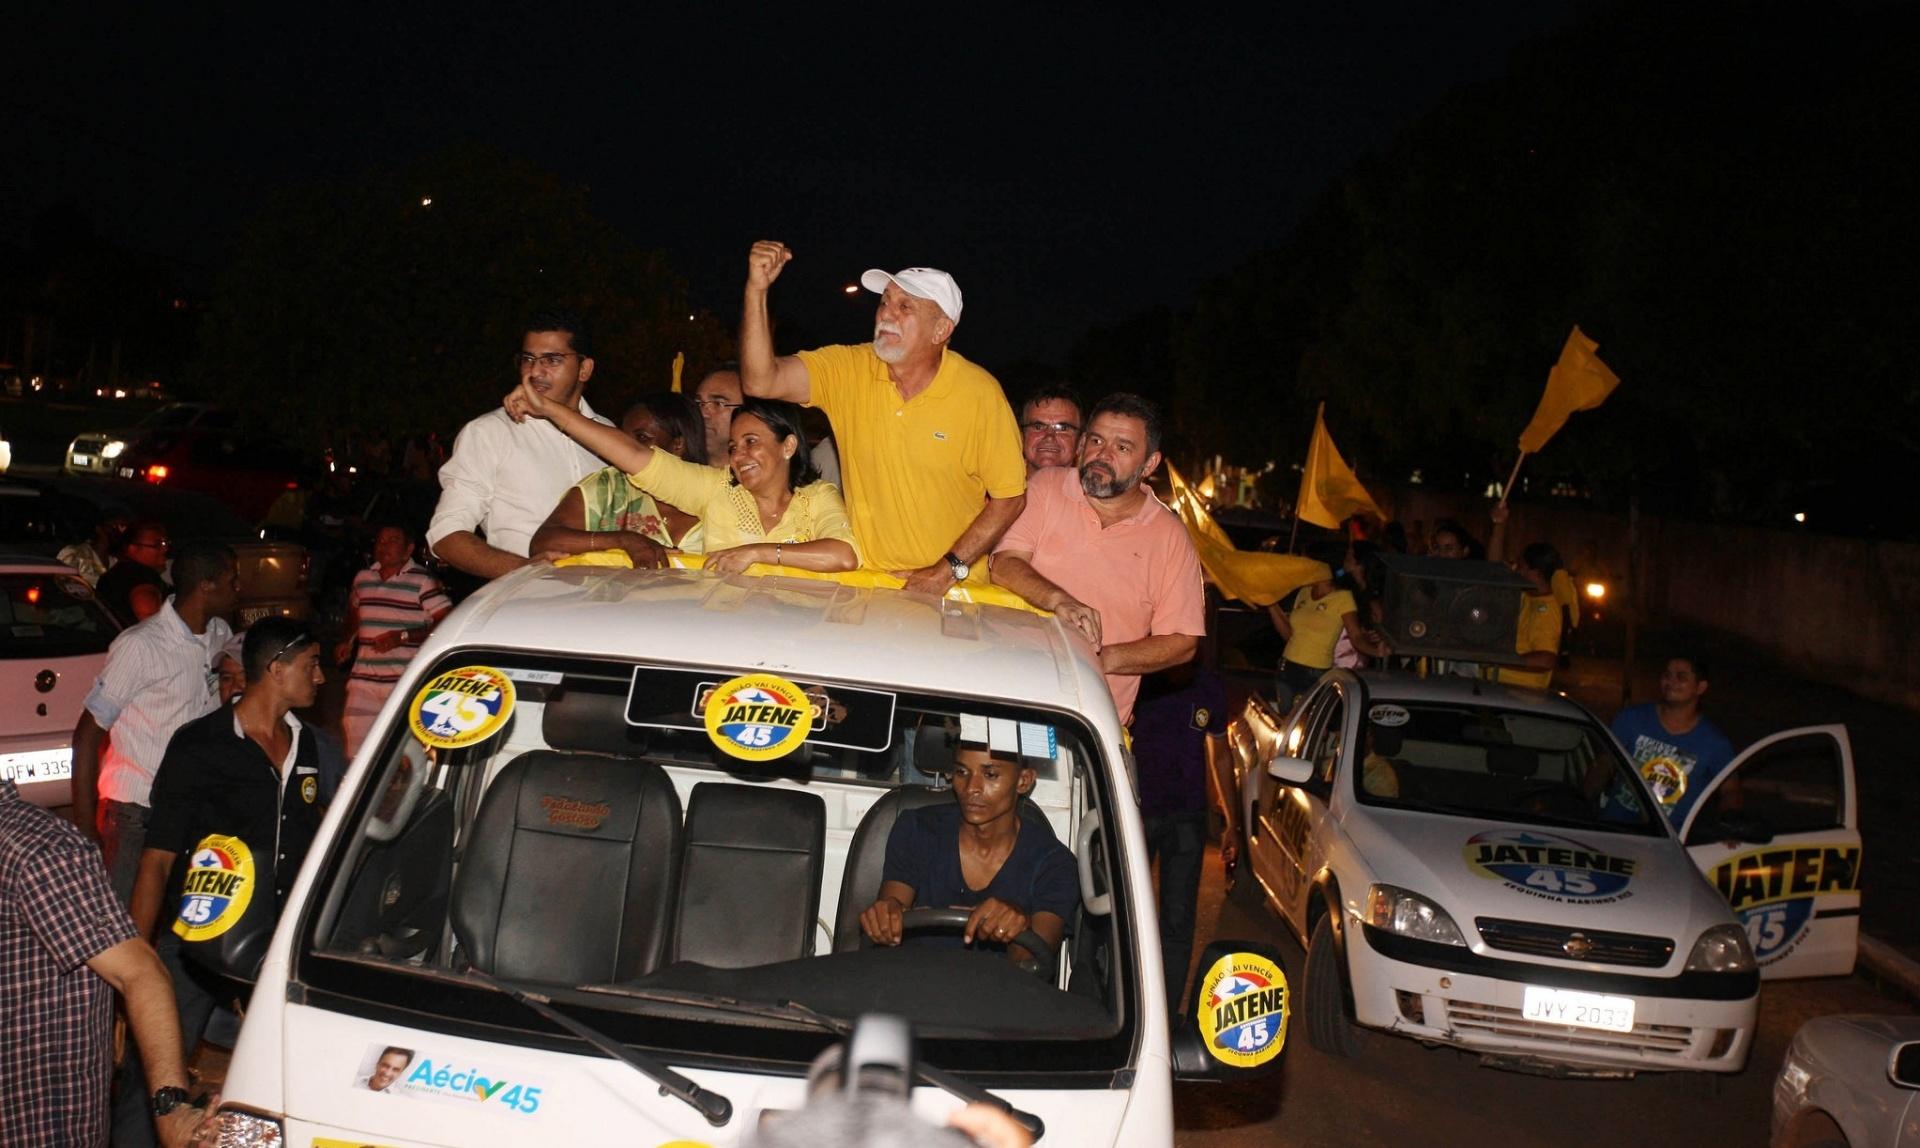 25.out.2014 - O governador do Pará e candidato à reeleição pelo PSDB, Simão Jatene, faz carreata com correligionários na cidade de Itaituba. Ele aparece com 48% das intenções de voto na última pesquisa Ibope, divulgada em 18 de outubro, atrás de Helder Barbalho (PMDB), que tem 52%